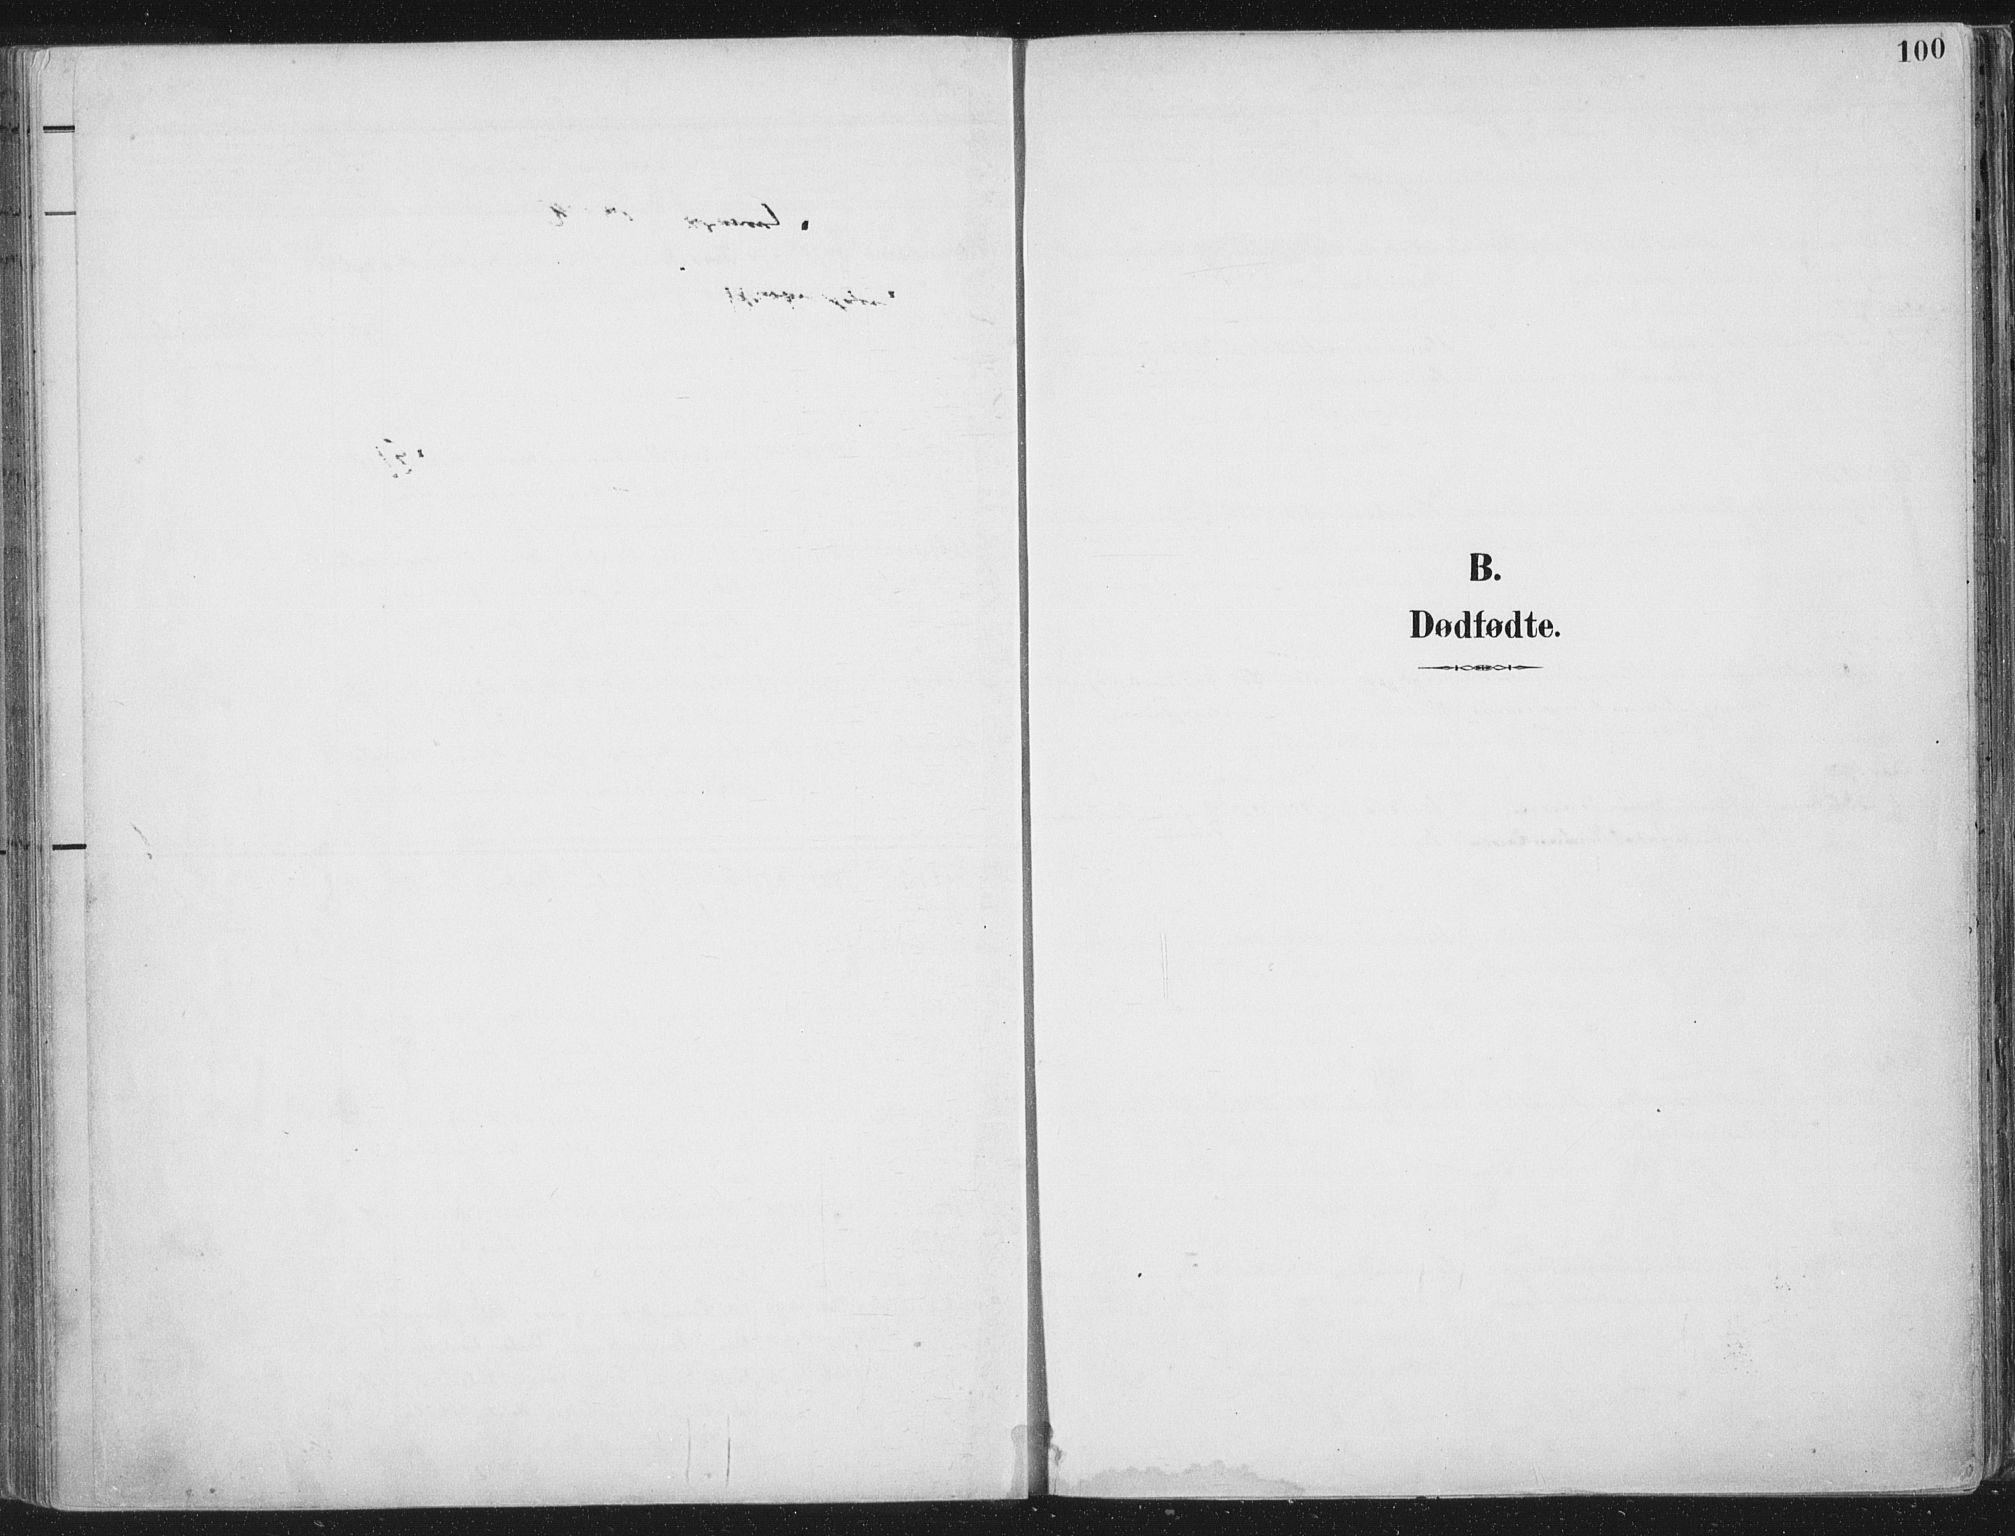 SAT, Ministerialprotokoller, klokkerbøker og fødselsregistre - Nord-Trøndelag, 709/L0082: Ministerialbok nr. 709A22, 1896-1916, s. 100